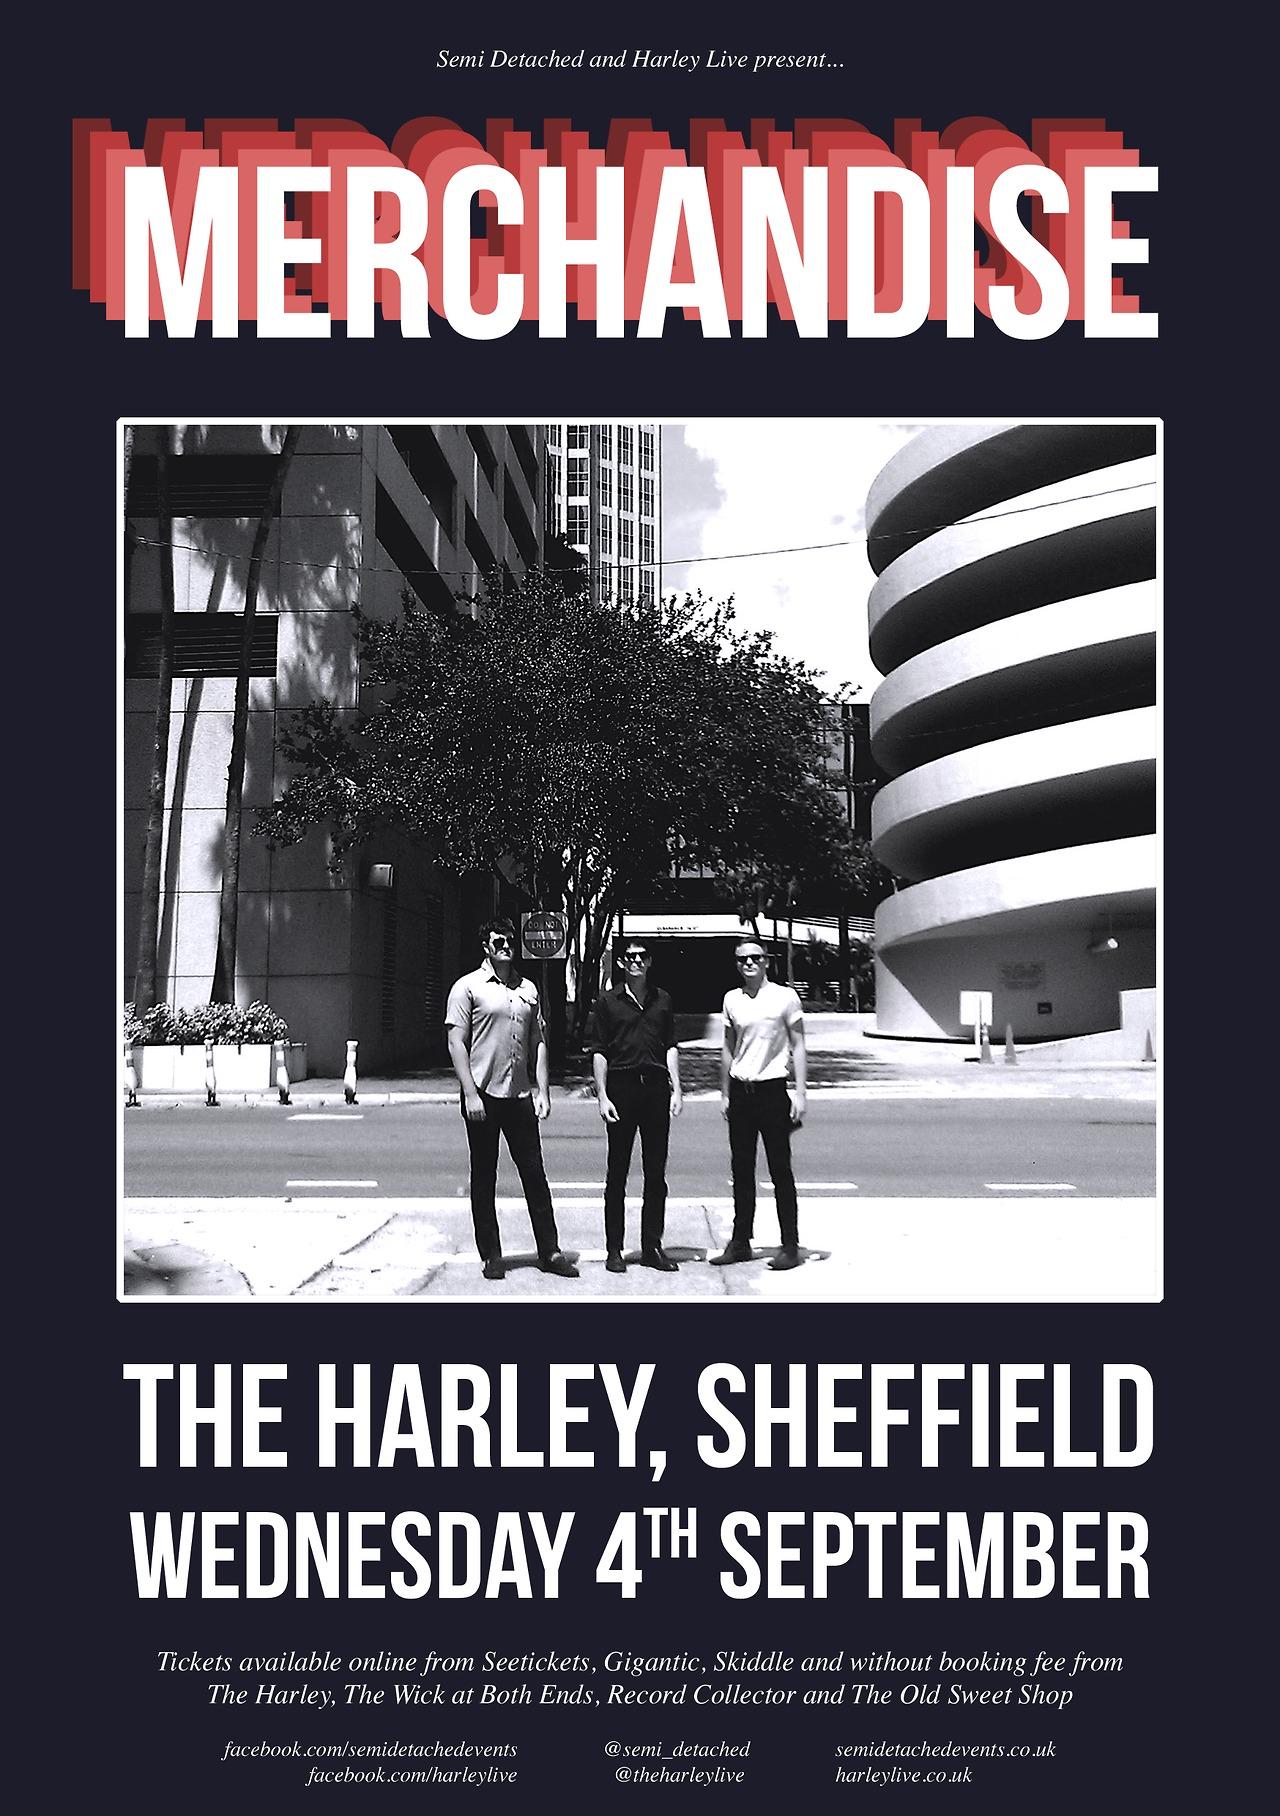 MERCHANDISEplayThe Harley Sheffield, Wednesday 4th September.